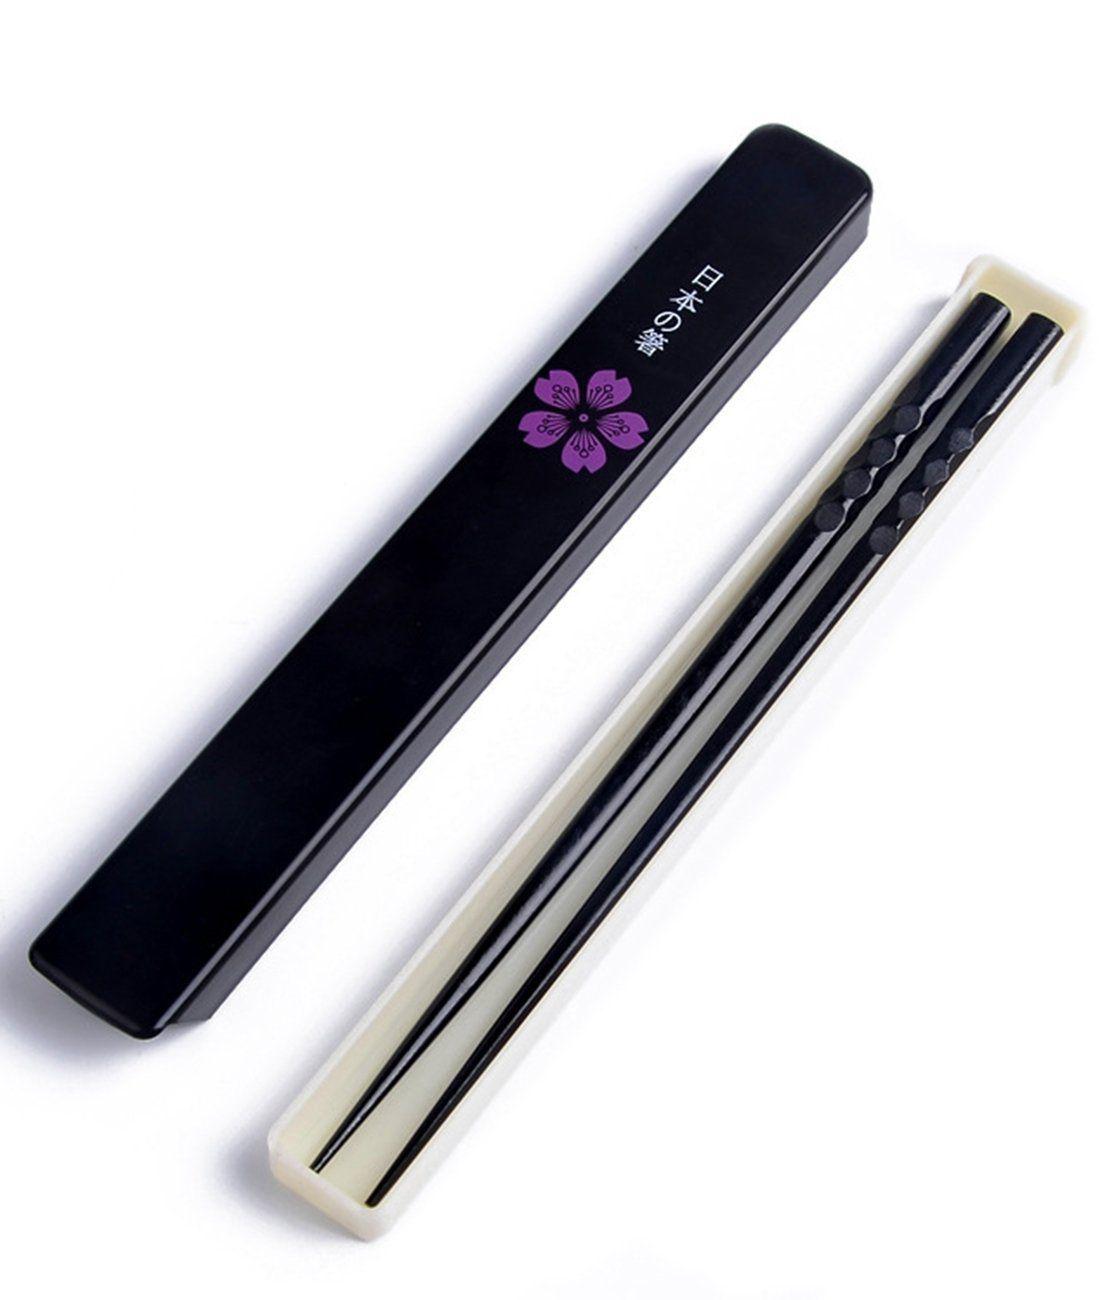 Japanese Lucky Cat MANEKI NEKO HASHI Good Luck Chopsticks 9inch 1Pair